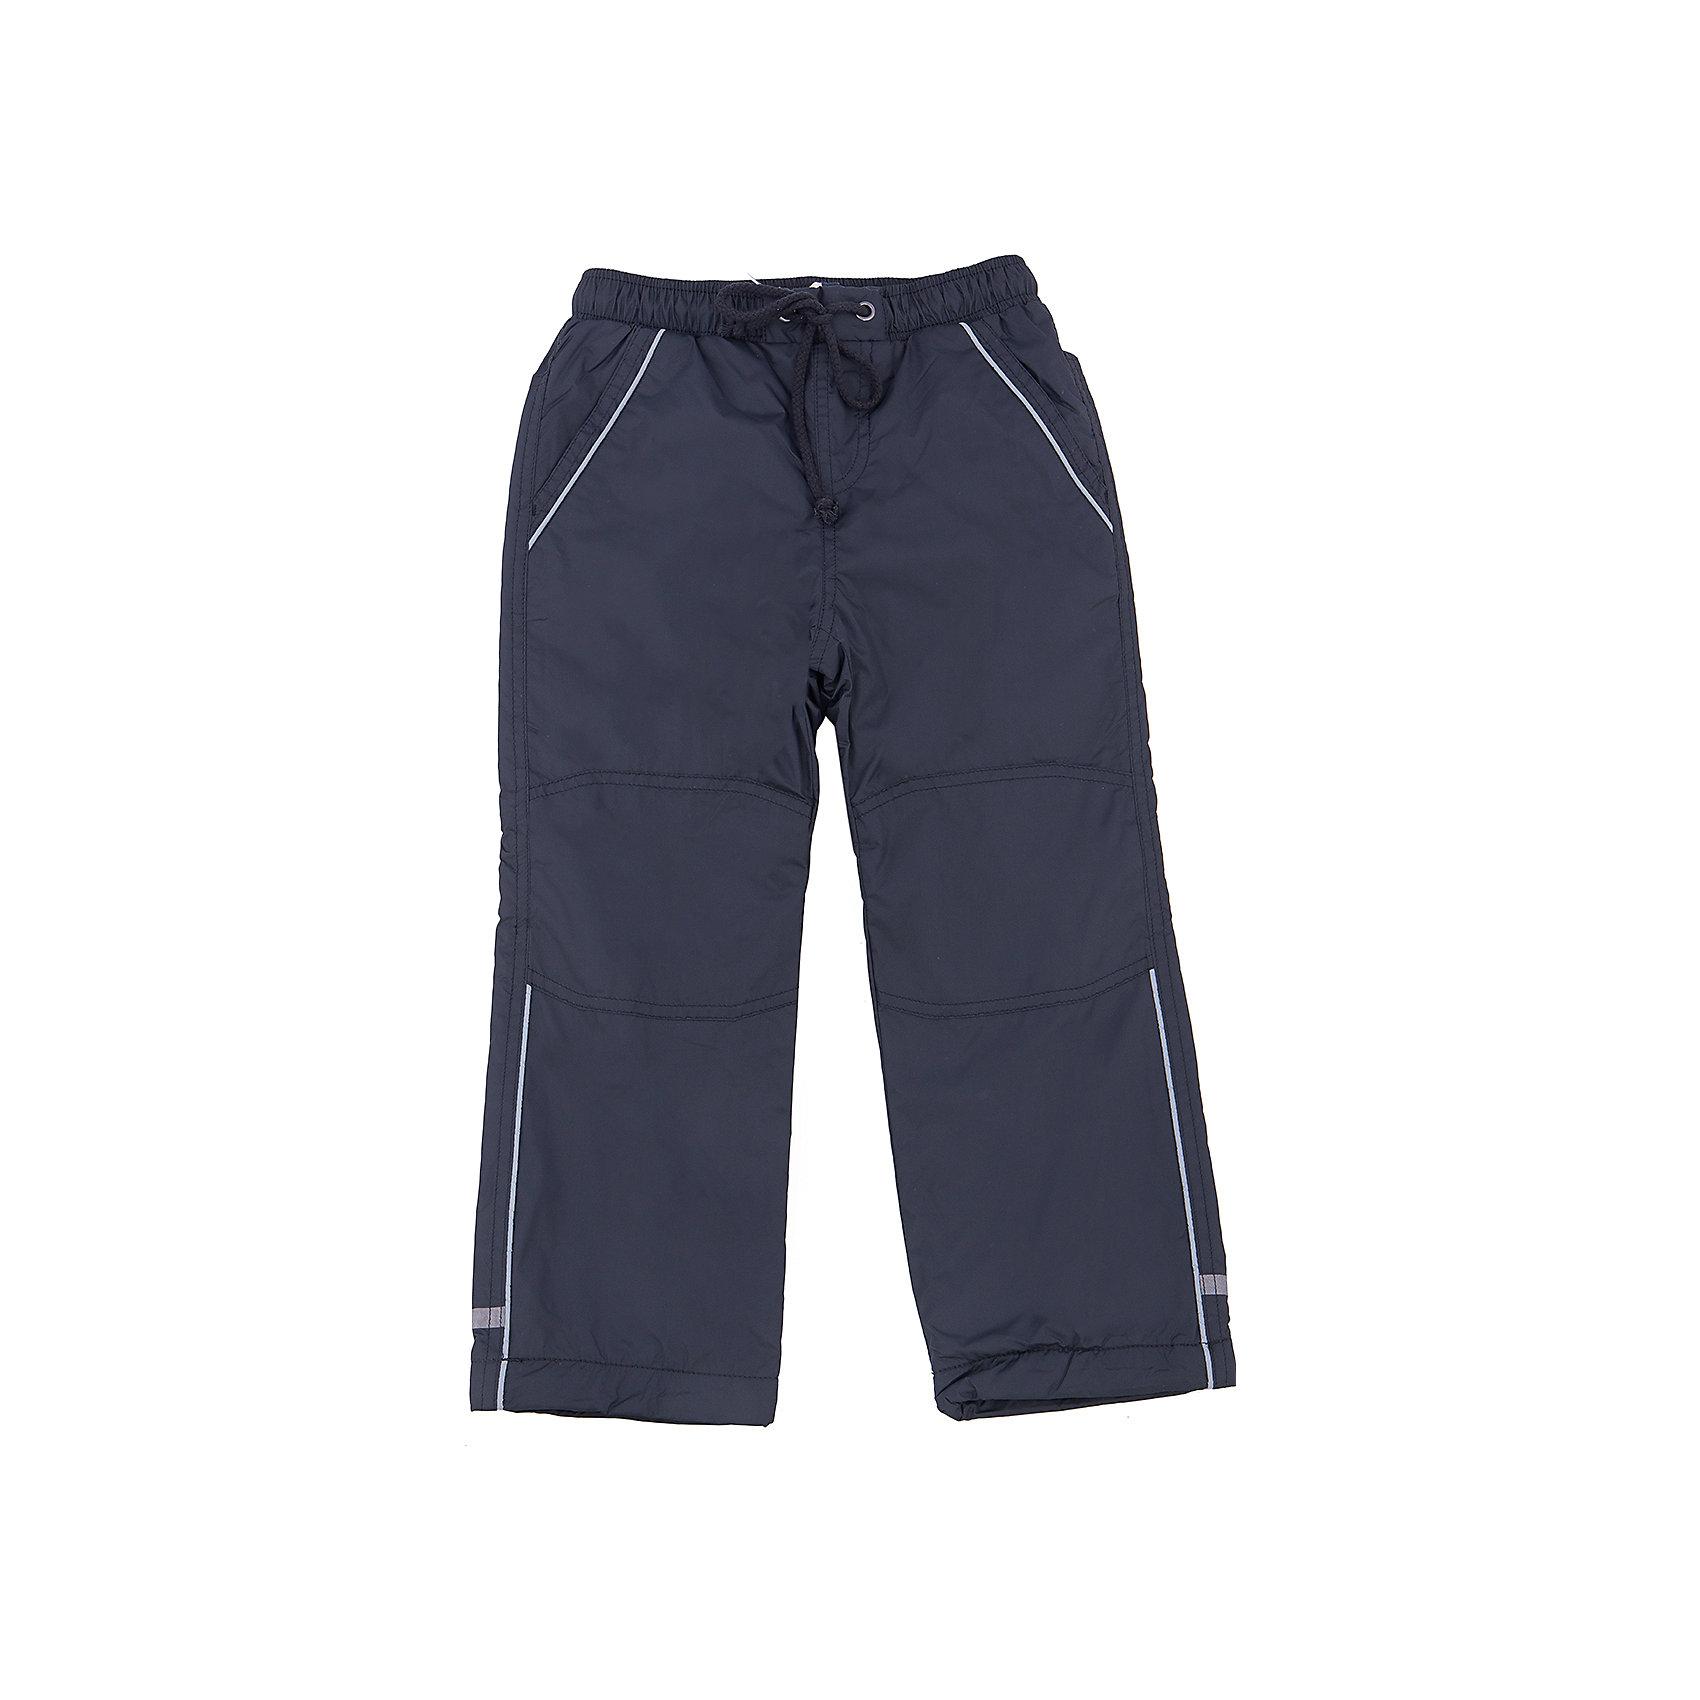 Брюки для мальчика SELAБрюки<br>Брюки для мальчика из коллекции осень-зима 2016-2017 от известного бренда SELA. Эти брюки темного цвета отлично подойдут для спорта. У Брюк имеются четыре кармана и практичный шнурок, контролирующий эластичную резинку. К блюкам отлично подойдут футболки и толстовки.<br><br>Дополнительная информация:<br>- Силуэт прямой <br><br>Состав: 100% ПЭ <br><br>Брюки для мальчиков Sela можно купить в нашем интернет-магазине.<br>.<br>Подробнее:<br>• Для детей в возрасте: от 2 до 6 лет<br>• Номер товара: 4913293<br>Страна производитель: Китай<br><br>Ширина мм: 215<br>Глубина мм: 88<br>Высота мм: 191<br>Вес г: 336<br>Цвет: черный<br>Возраст от месяцев: 48<br>Возраст до месяцев: 60<br>Пол: Мужской<br>Возраст: Детский<br>Размер: 110,98,104,116<br>SKU: 4913292